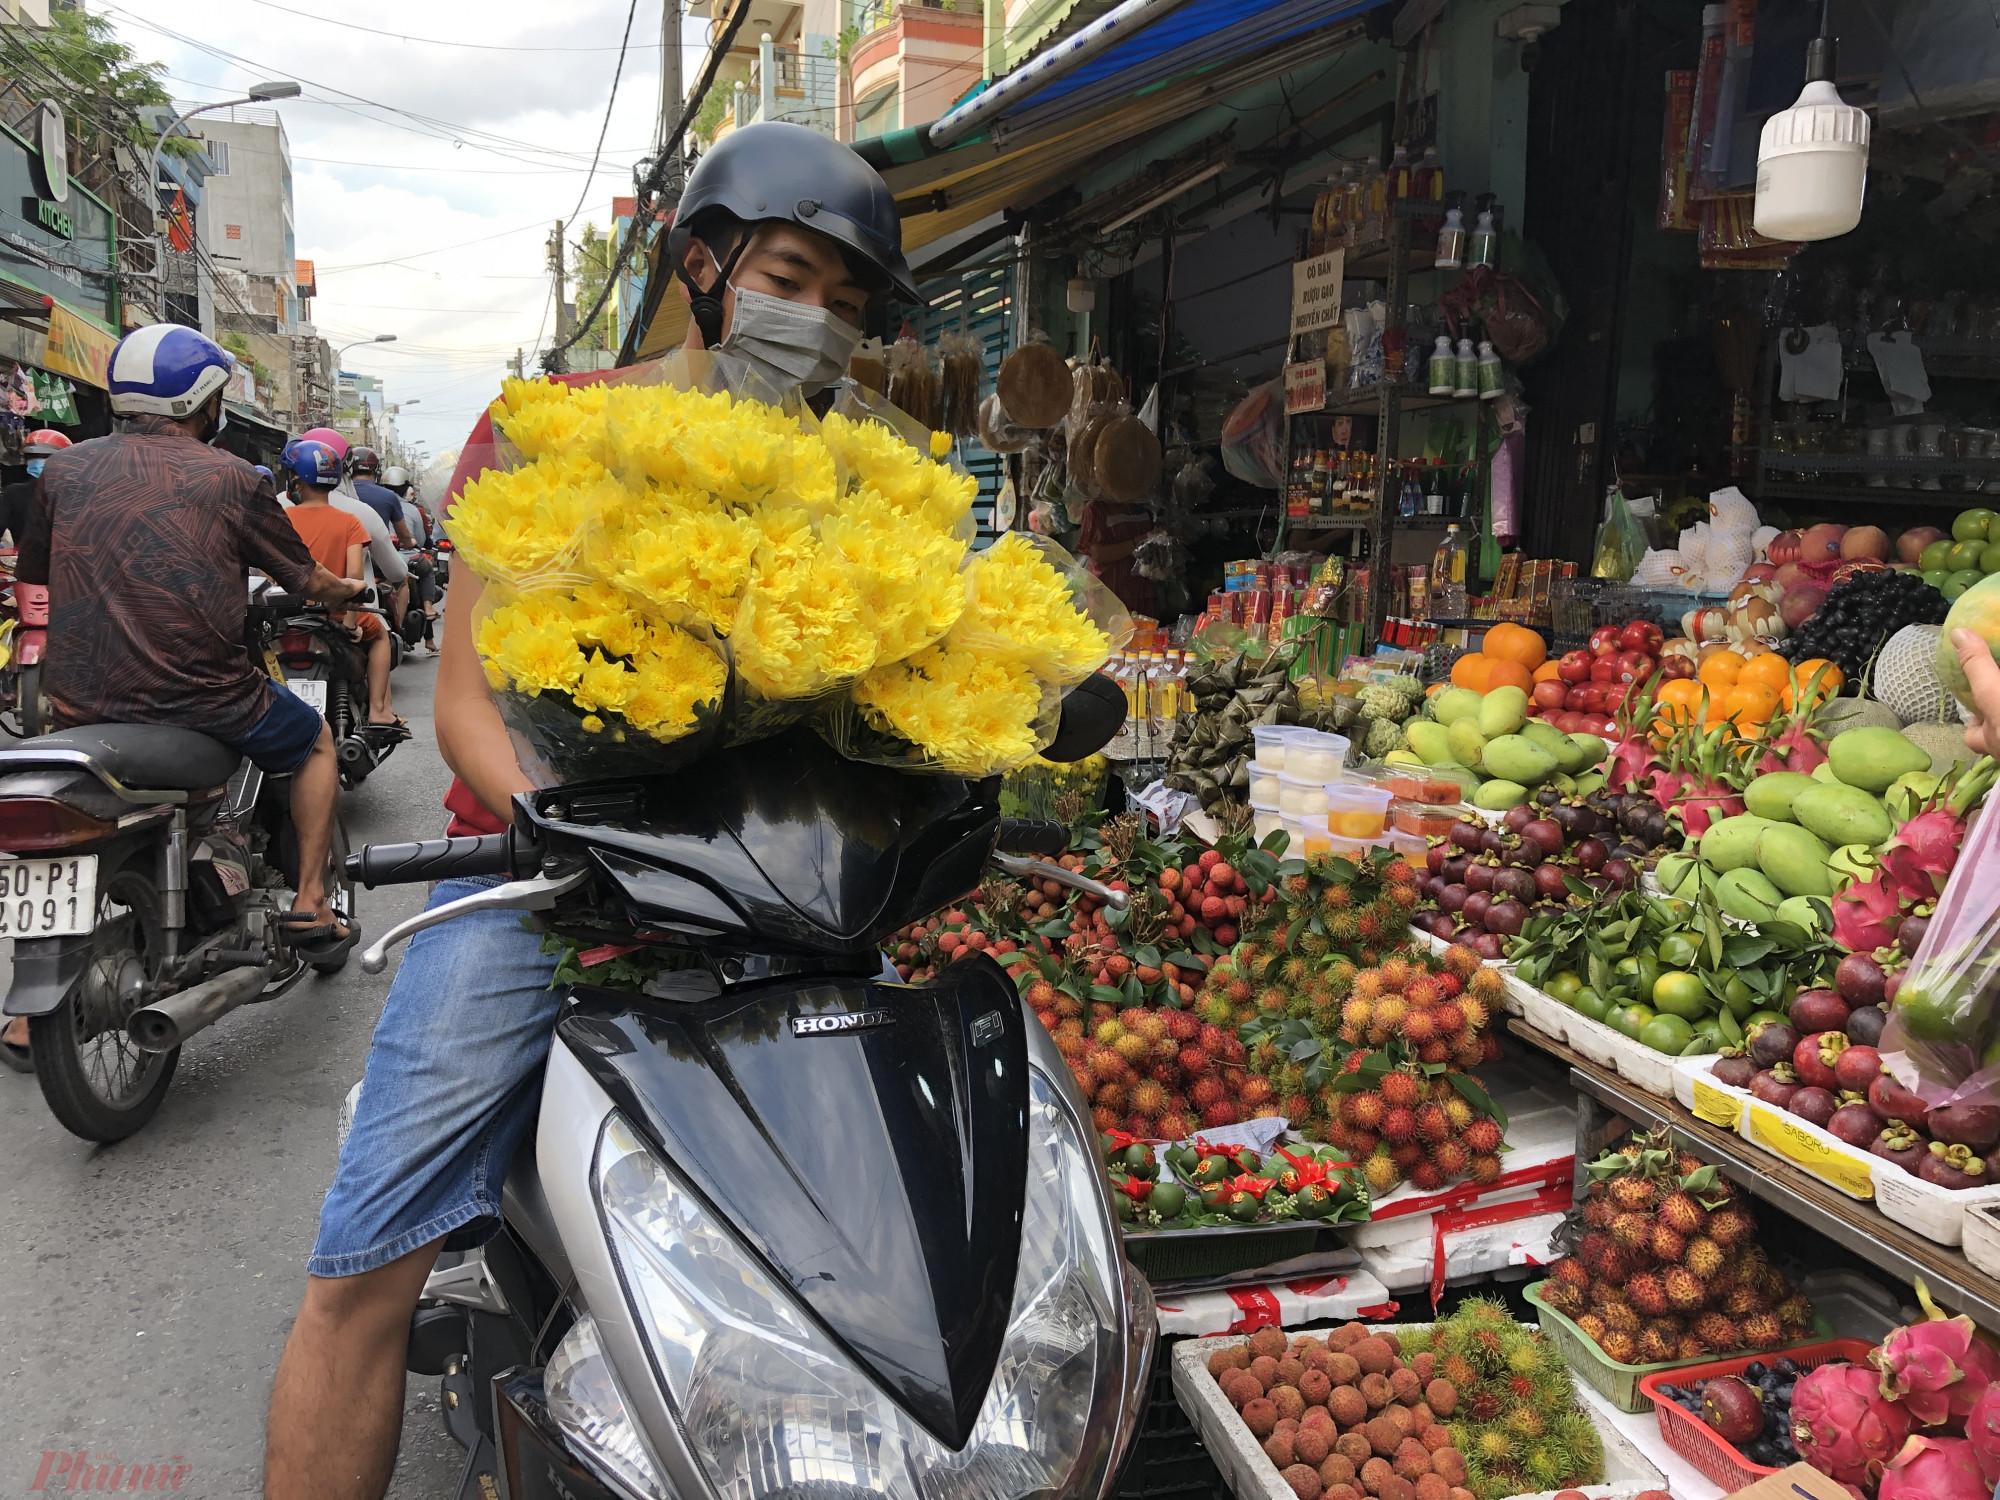 Cách mua hoa của người dân cũng khác hơn. Khách thường chọn hoa cúc vì giá rẻ. Các loại hoa ly, hoa cát tường... sức mua chậm hơn